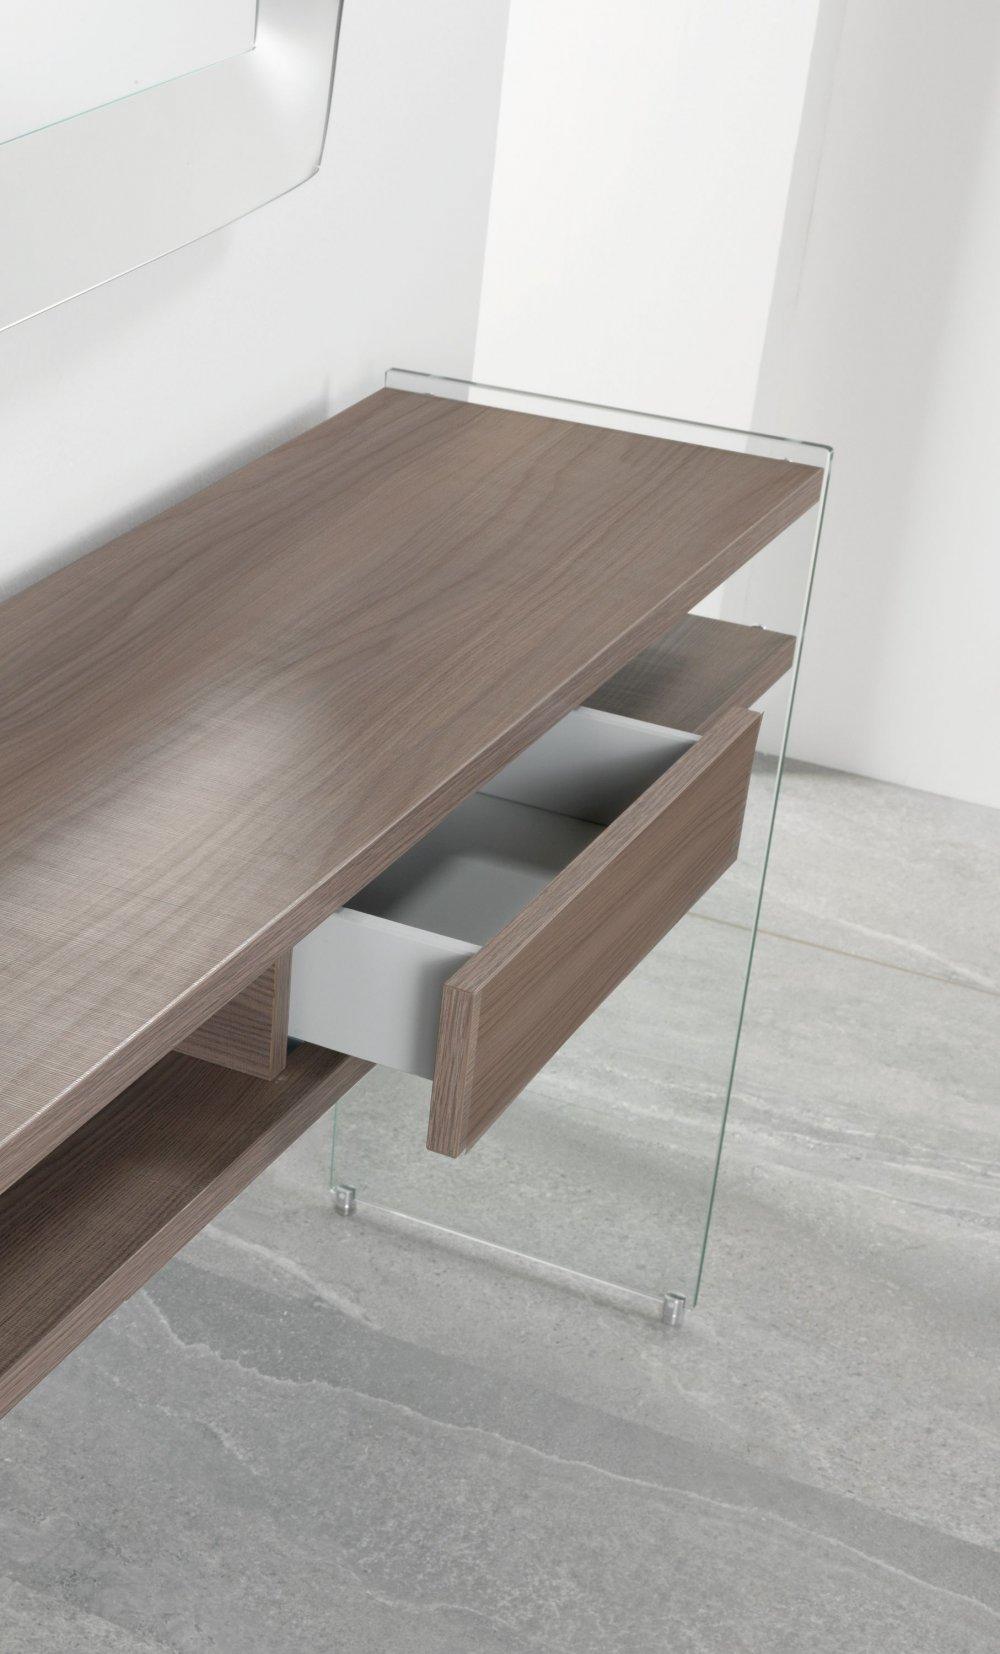 console design ultra tendance au meilleur prix console marion coloris orme pi tement en verre. Black Bedroom Furniture Sets. Home Design Ideas